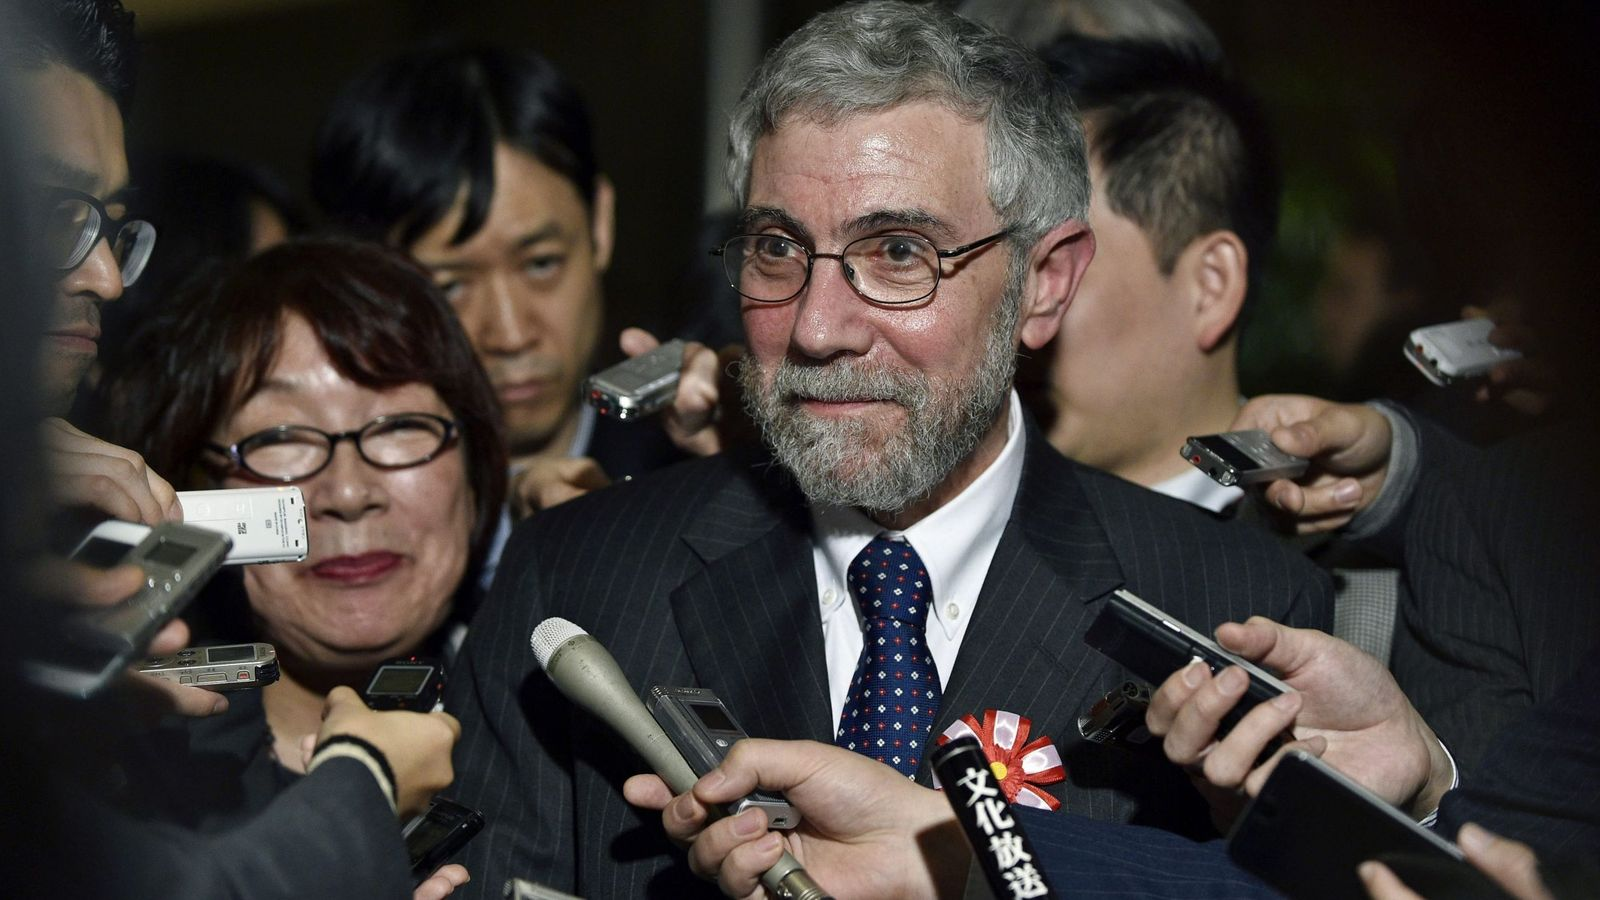 Foto: Paul Krugman puede ser un ejemplo de economista heterodoxo. (Efe/Franck Robichon)